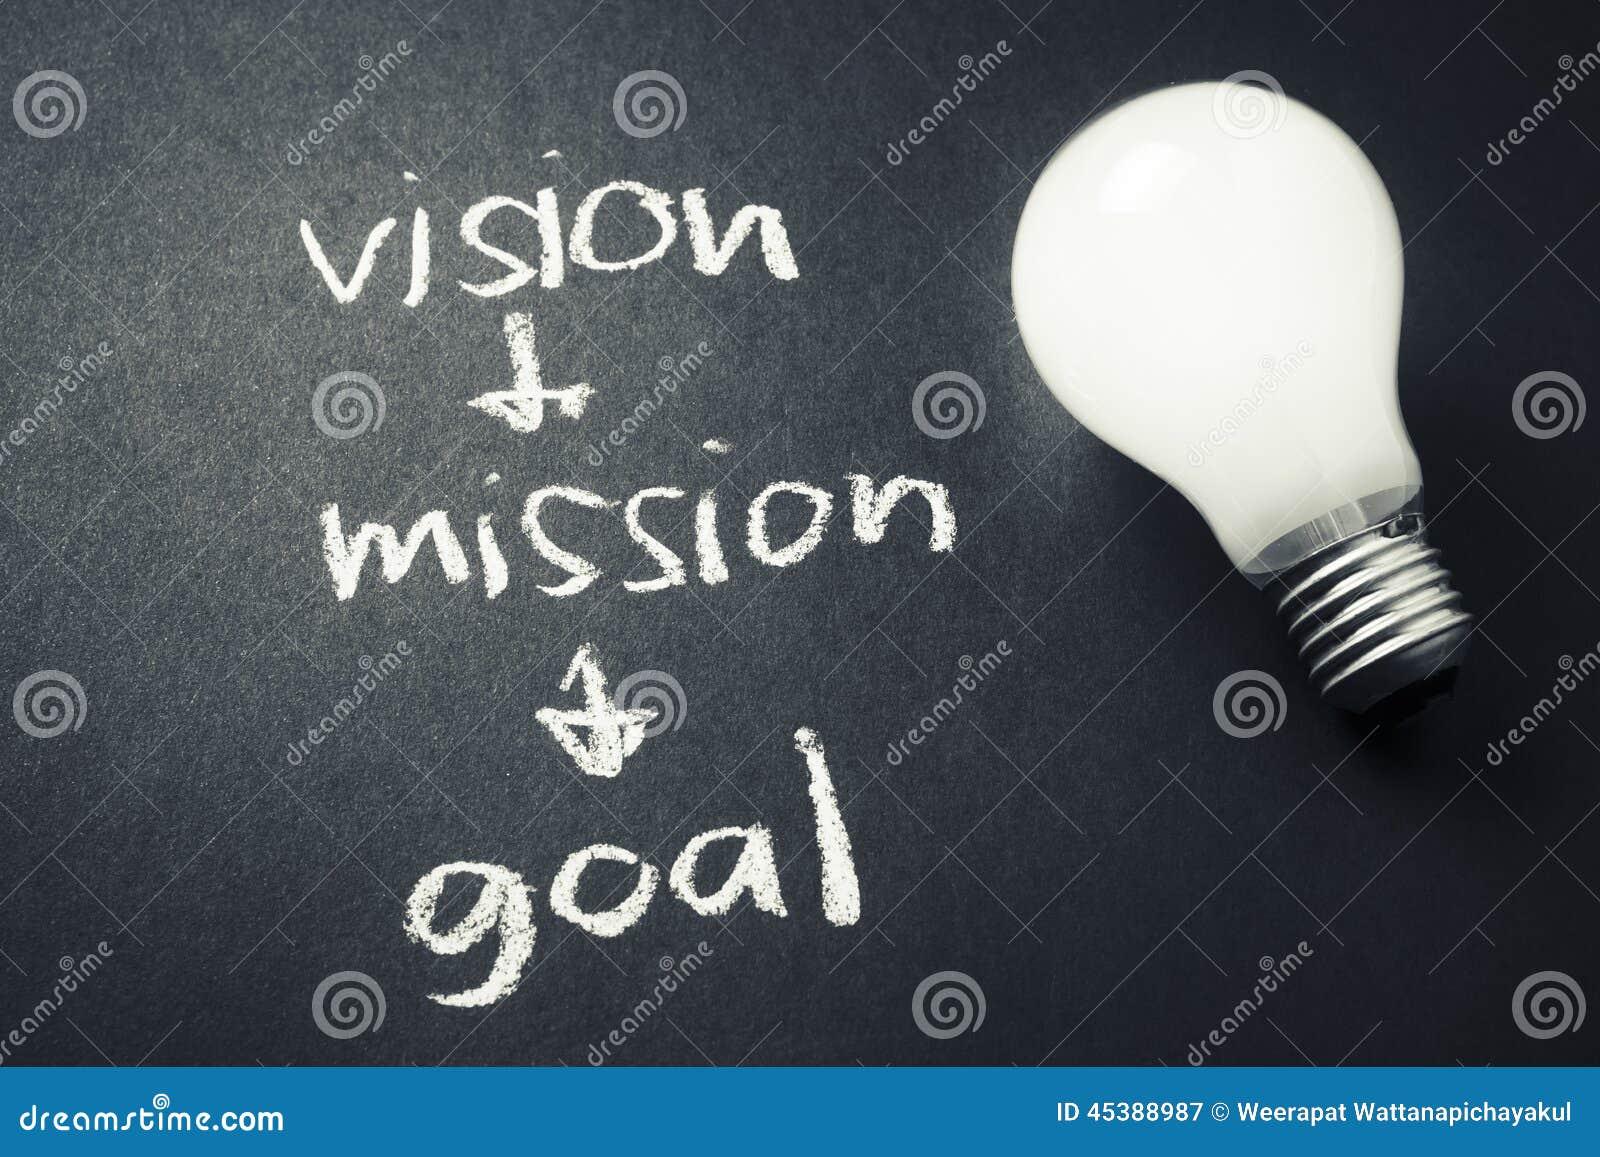 Visionbeskickningmål